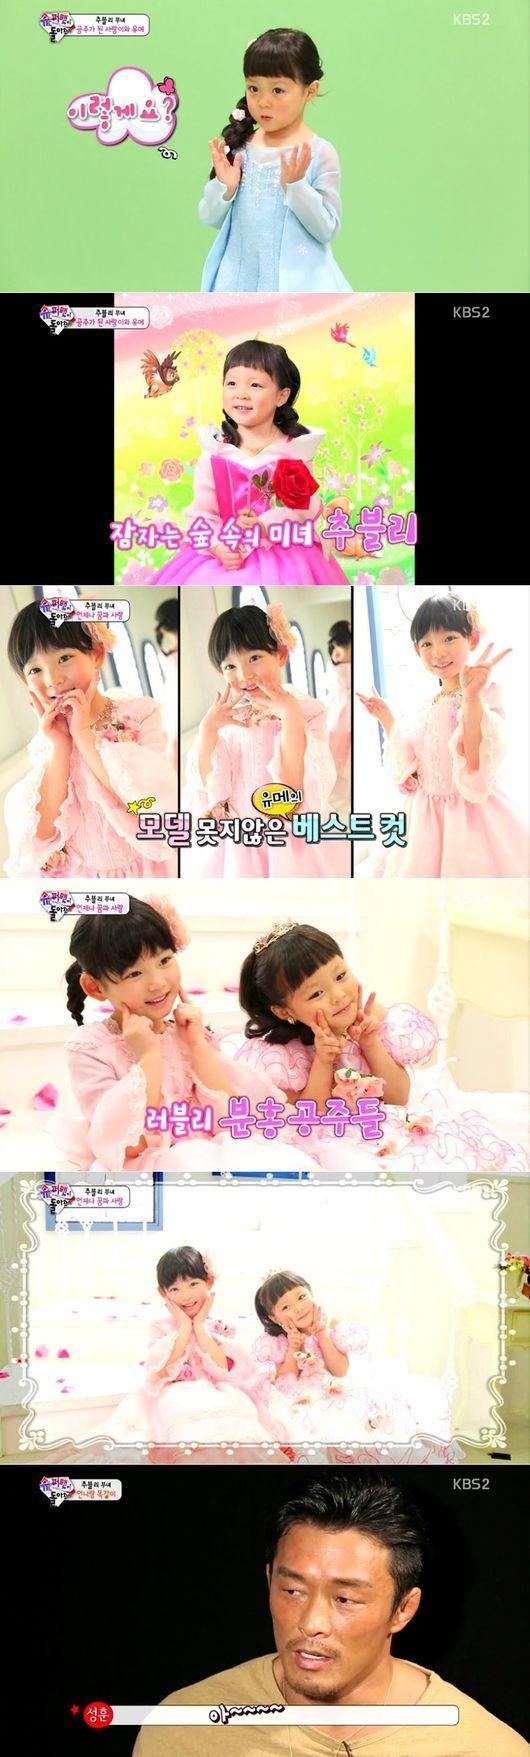 """SHIHOの娘サランちゃん、お姫様ドレスを着て様々なポーズ""""さすがモデルの娘"""""""